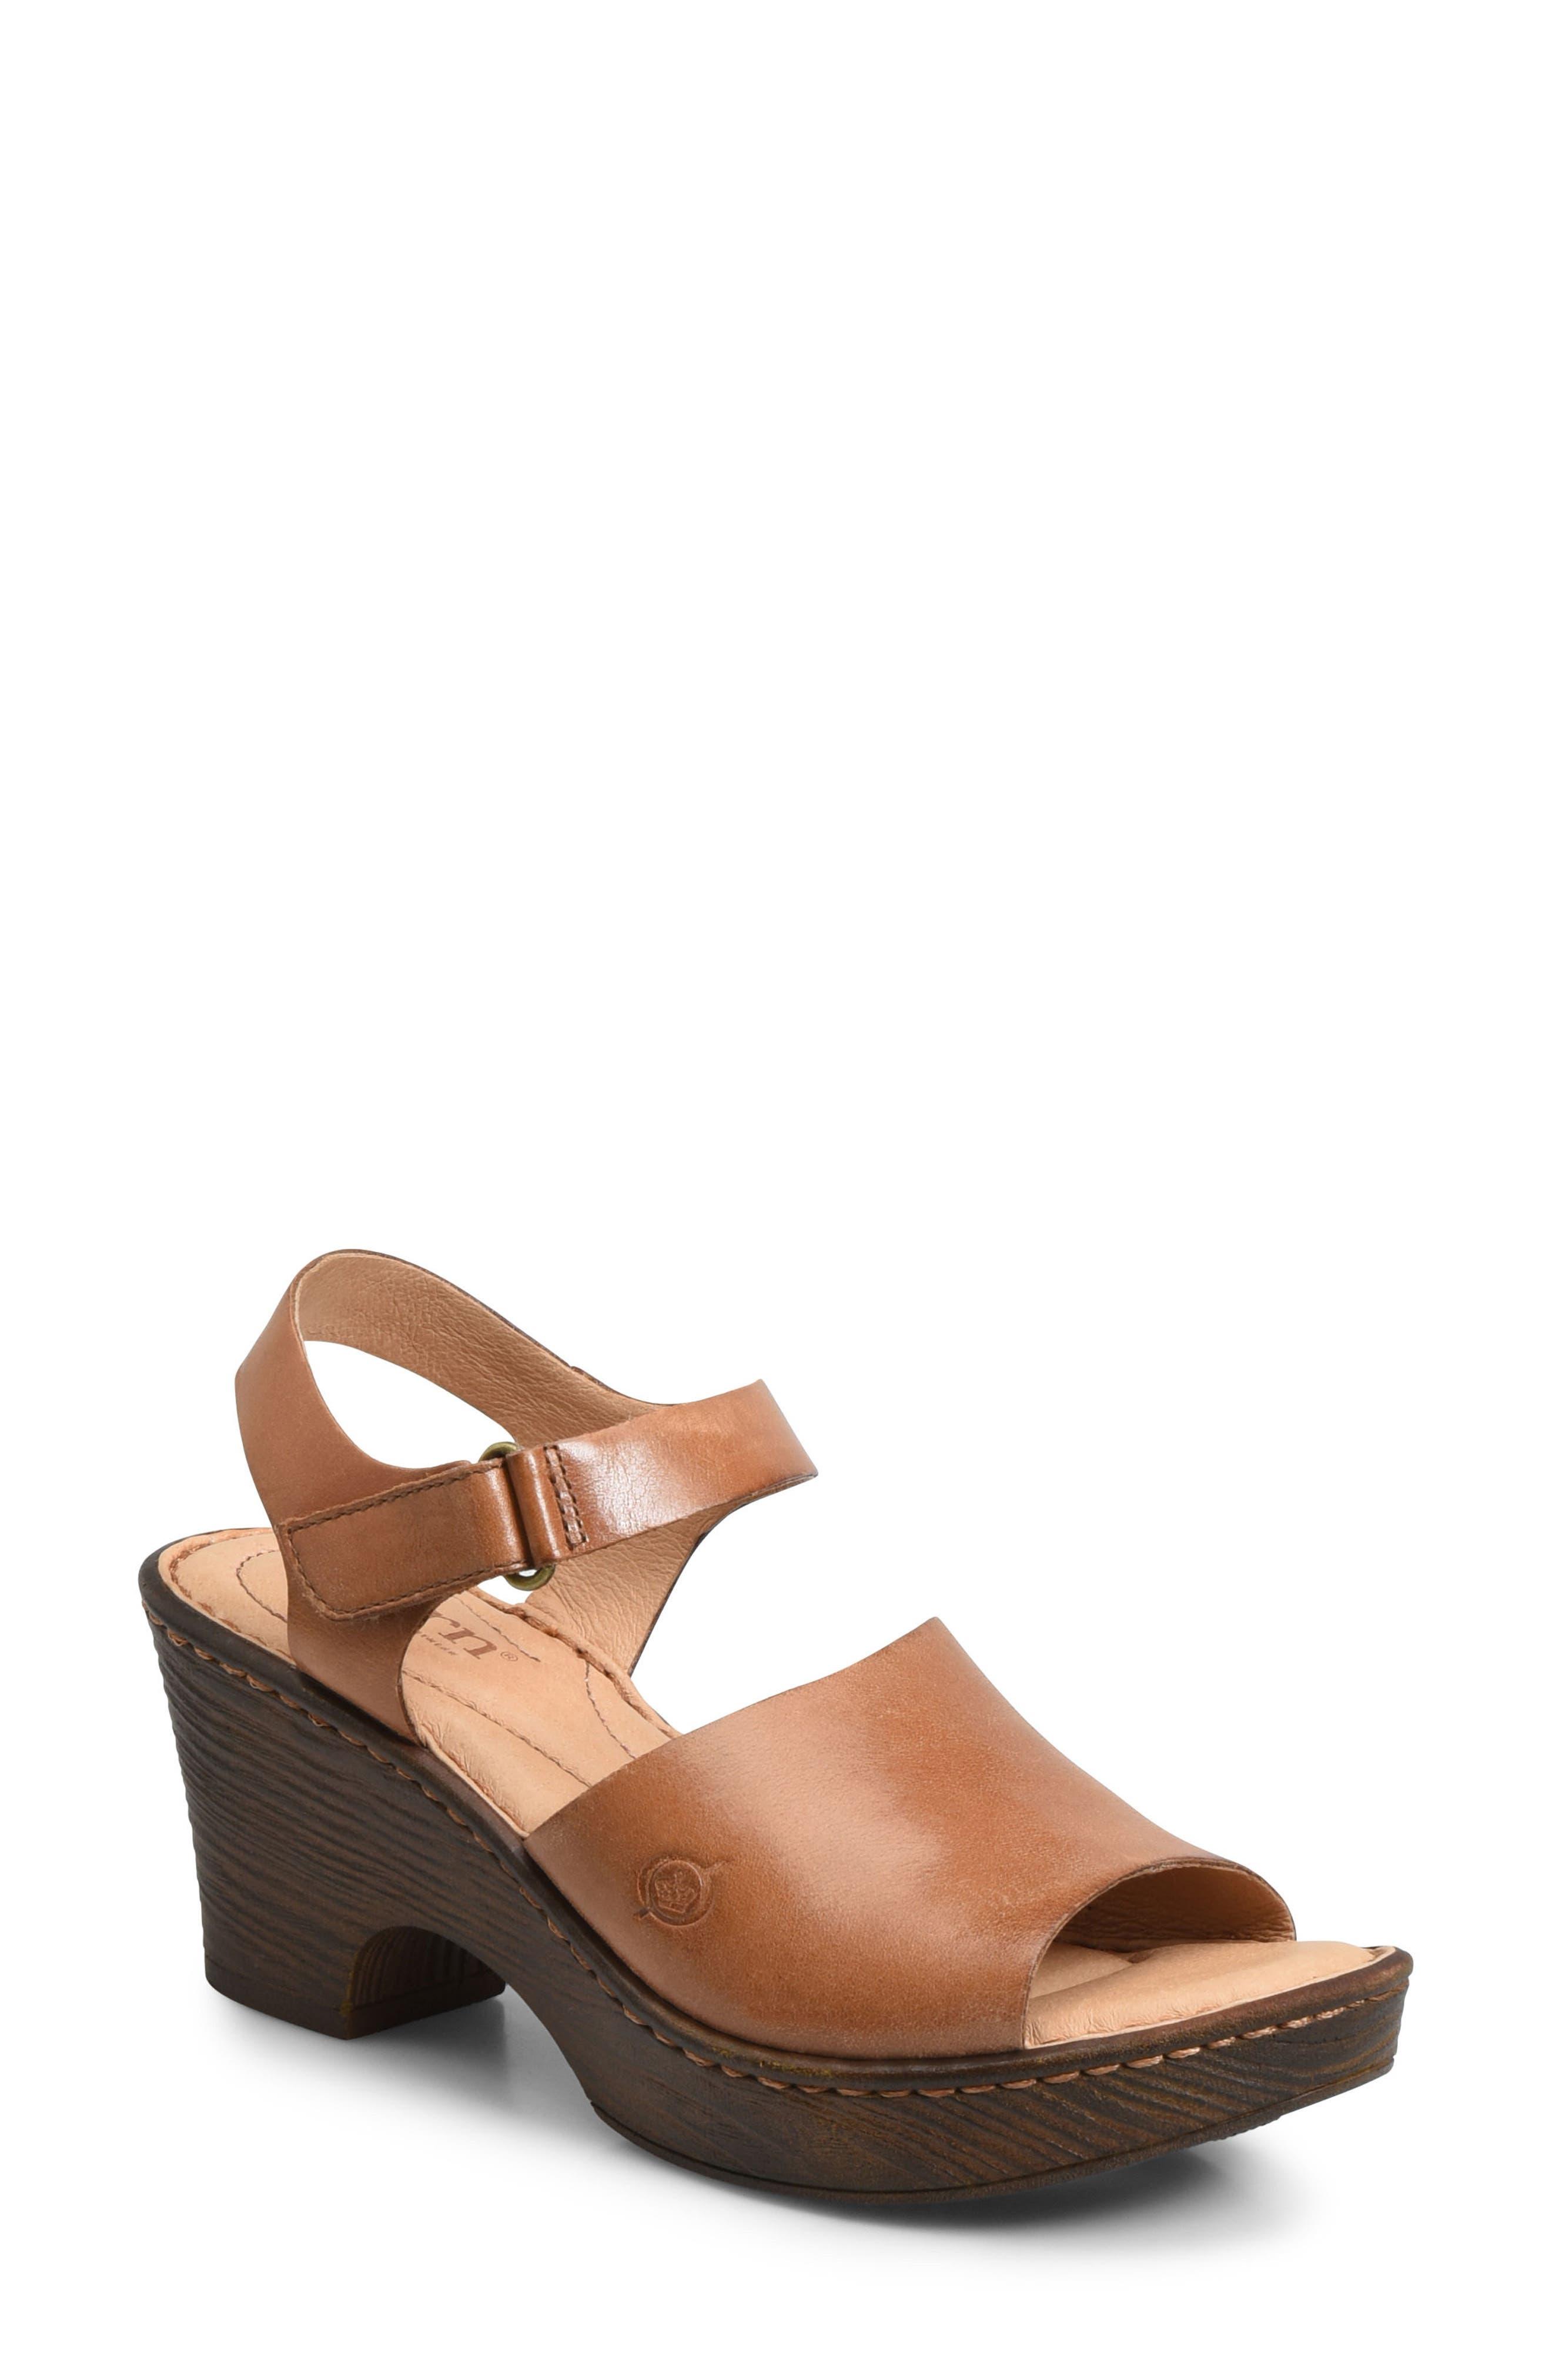 Børn Canna Platform Sandal (Women)